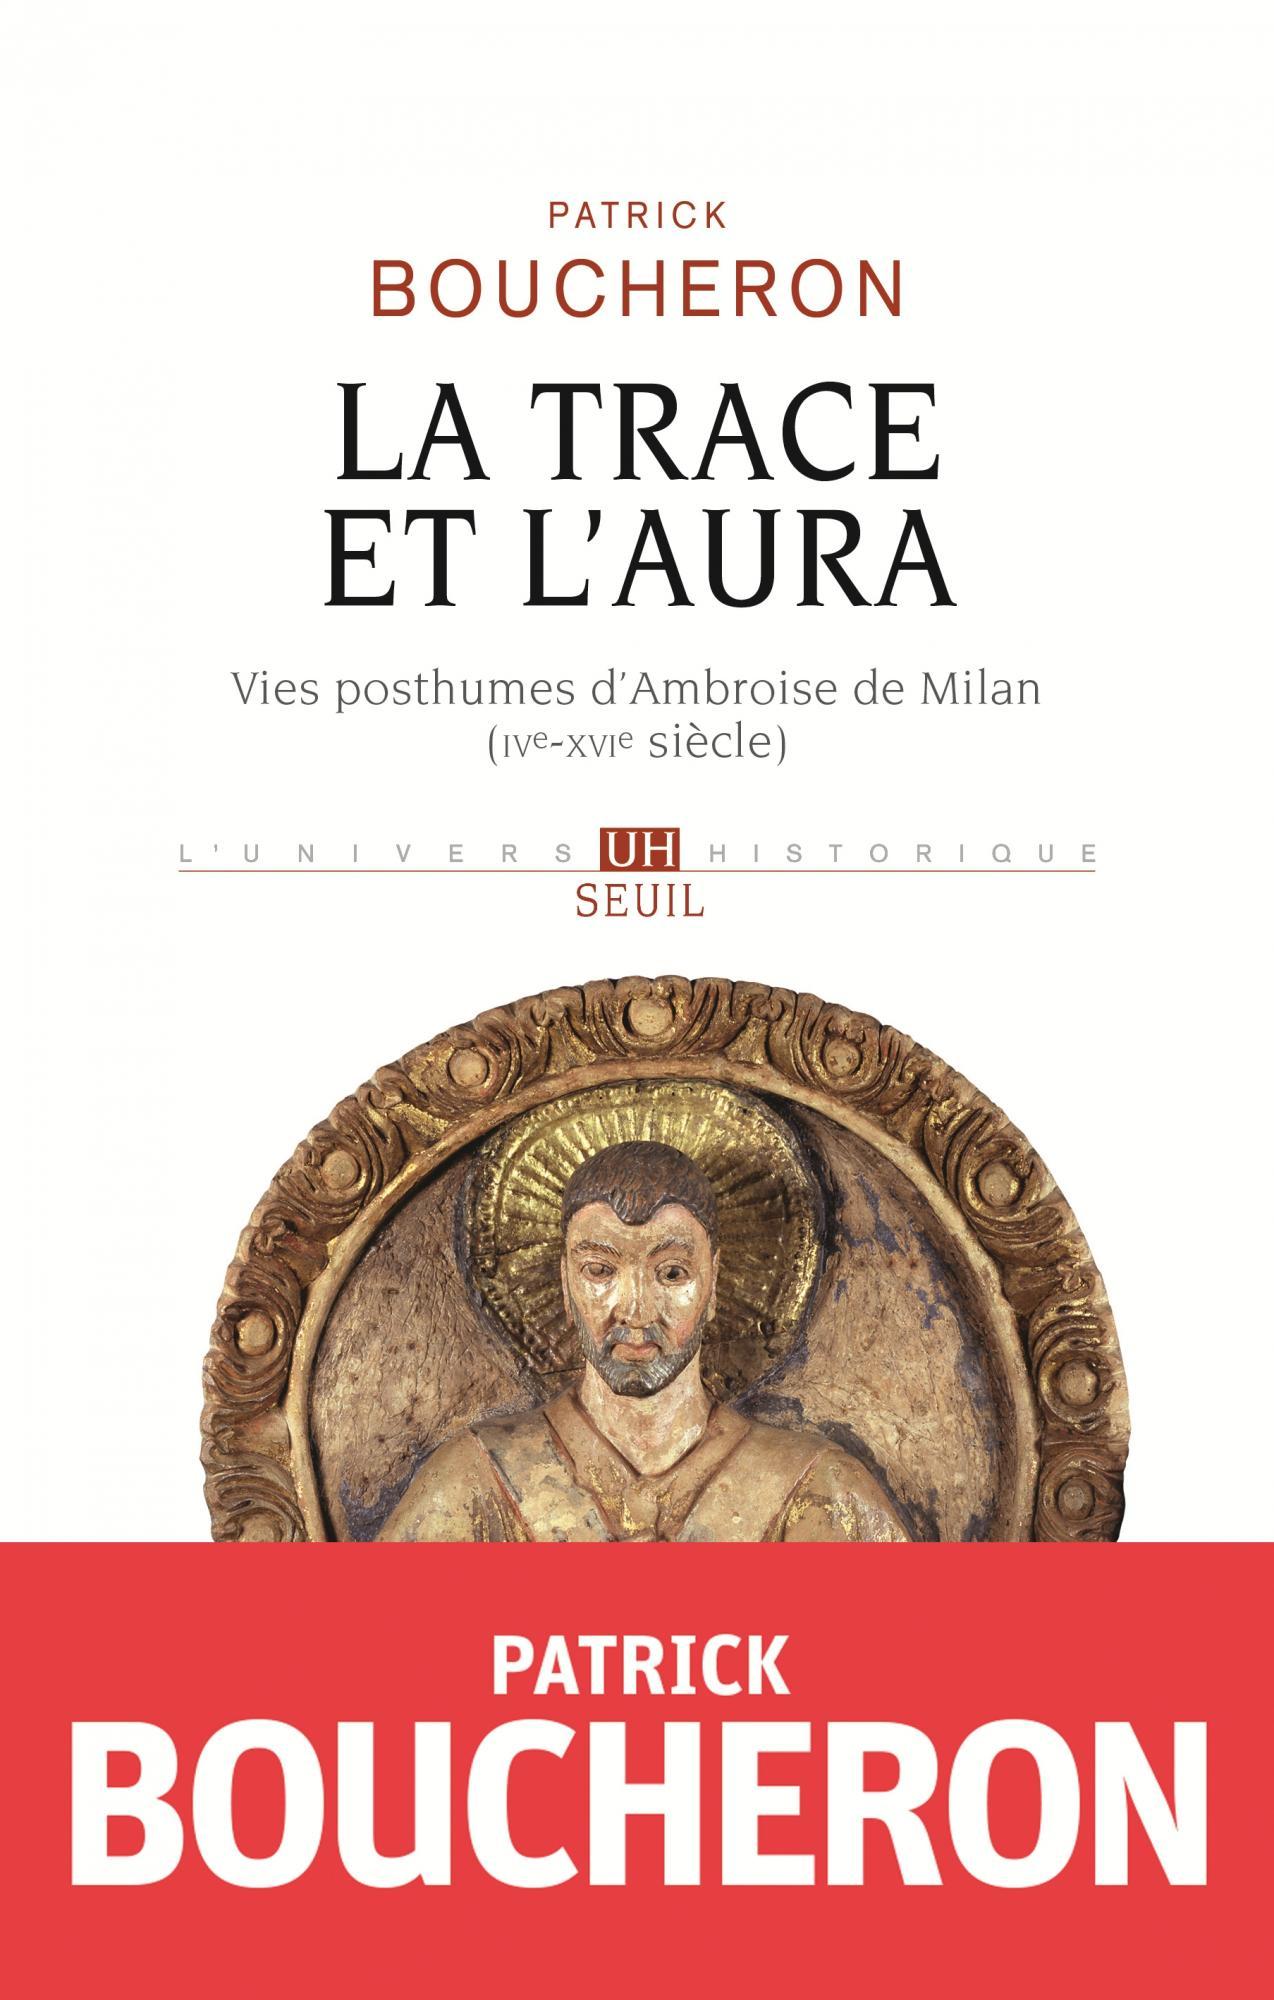 P. Boucheron, La Trace et l'aura Vies posthumes d'Ambroise de Milan (IVe-XVIe s.)